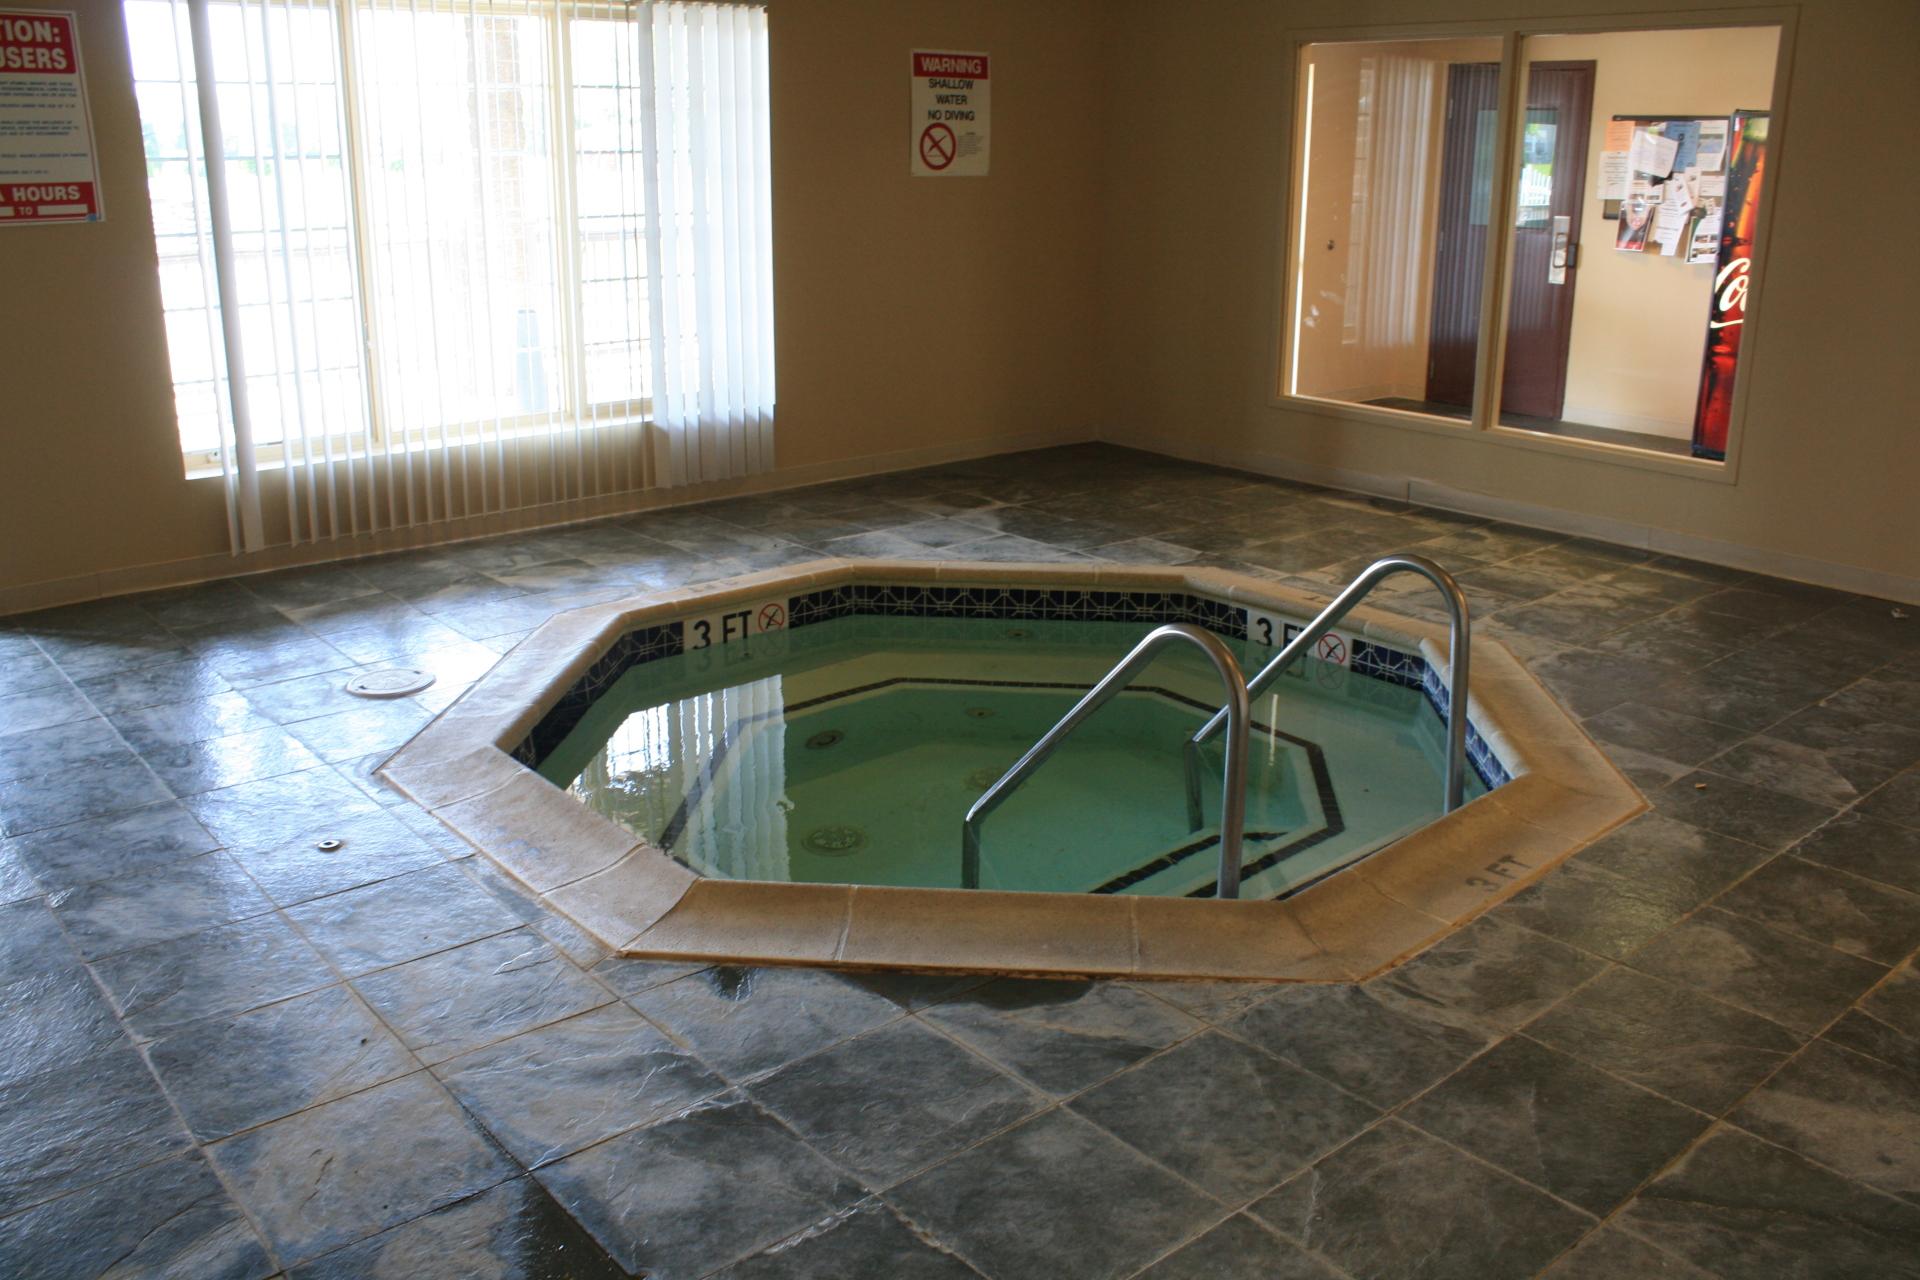 Hershey corporate housing recreation